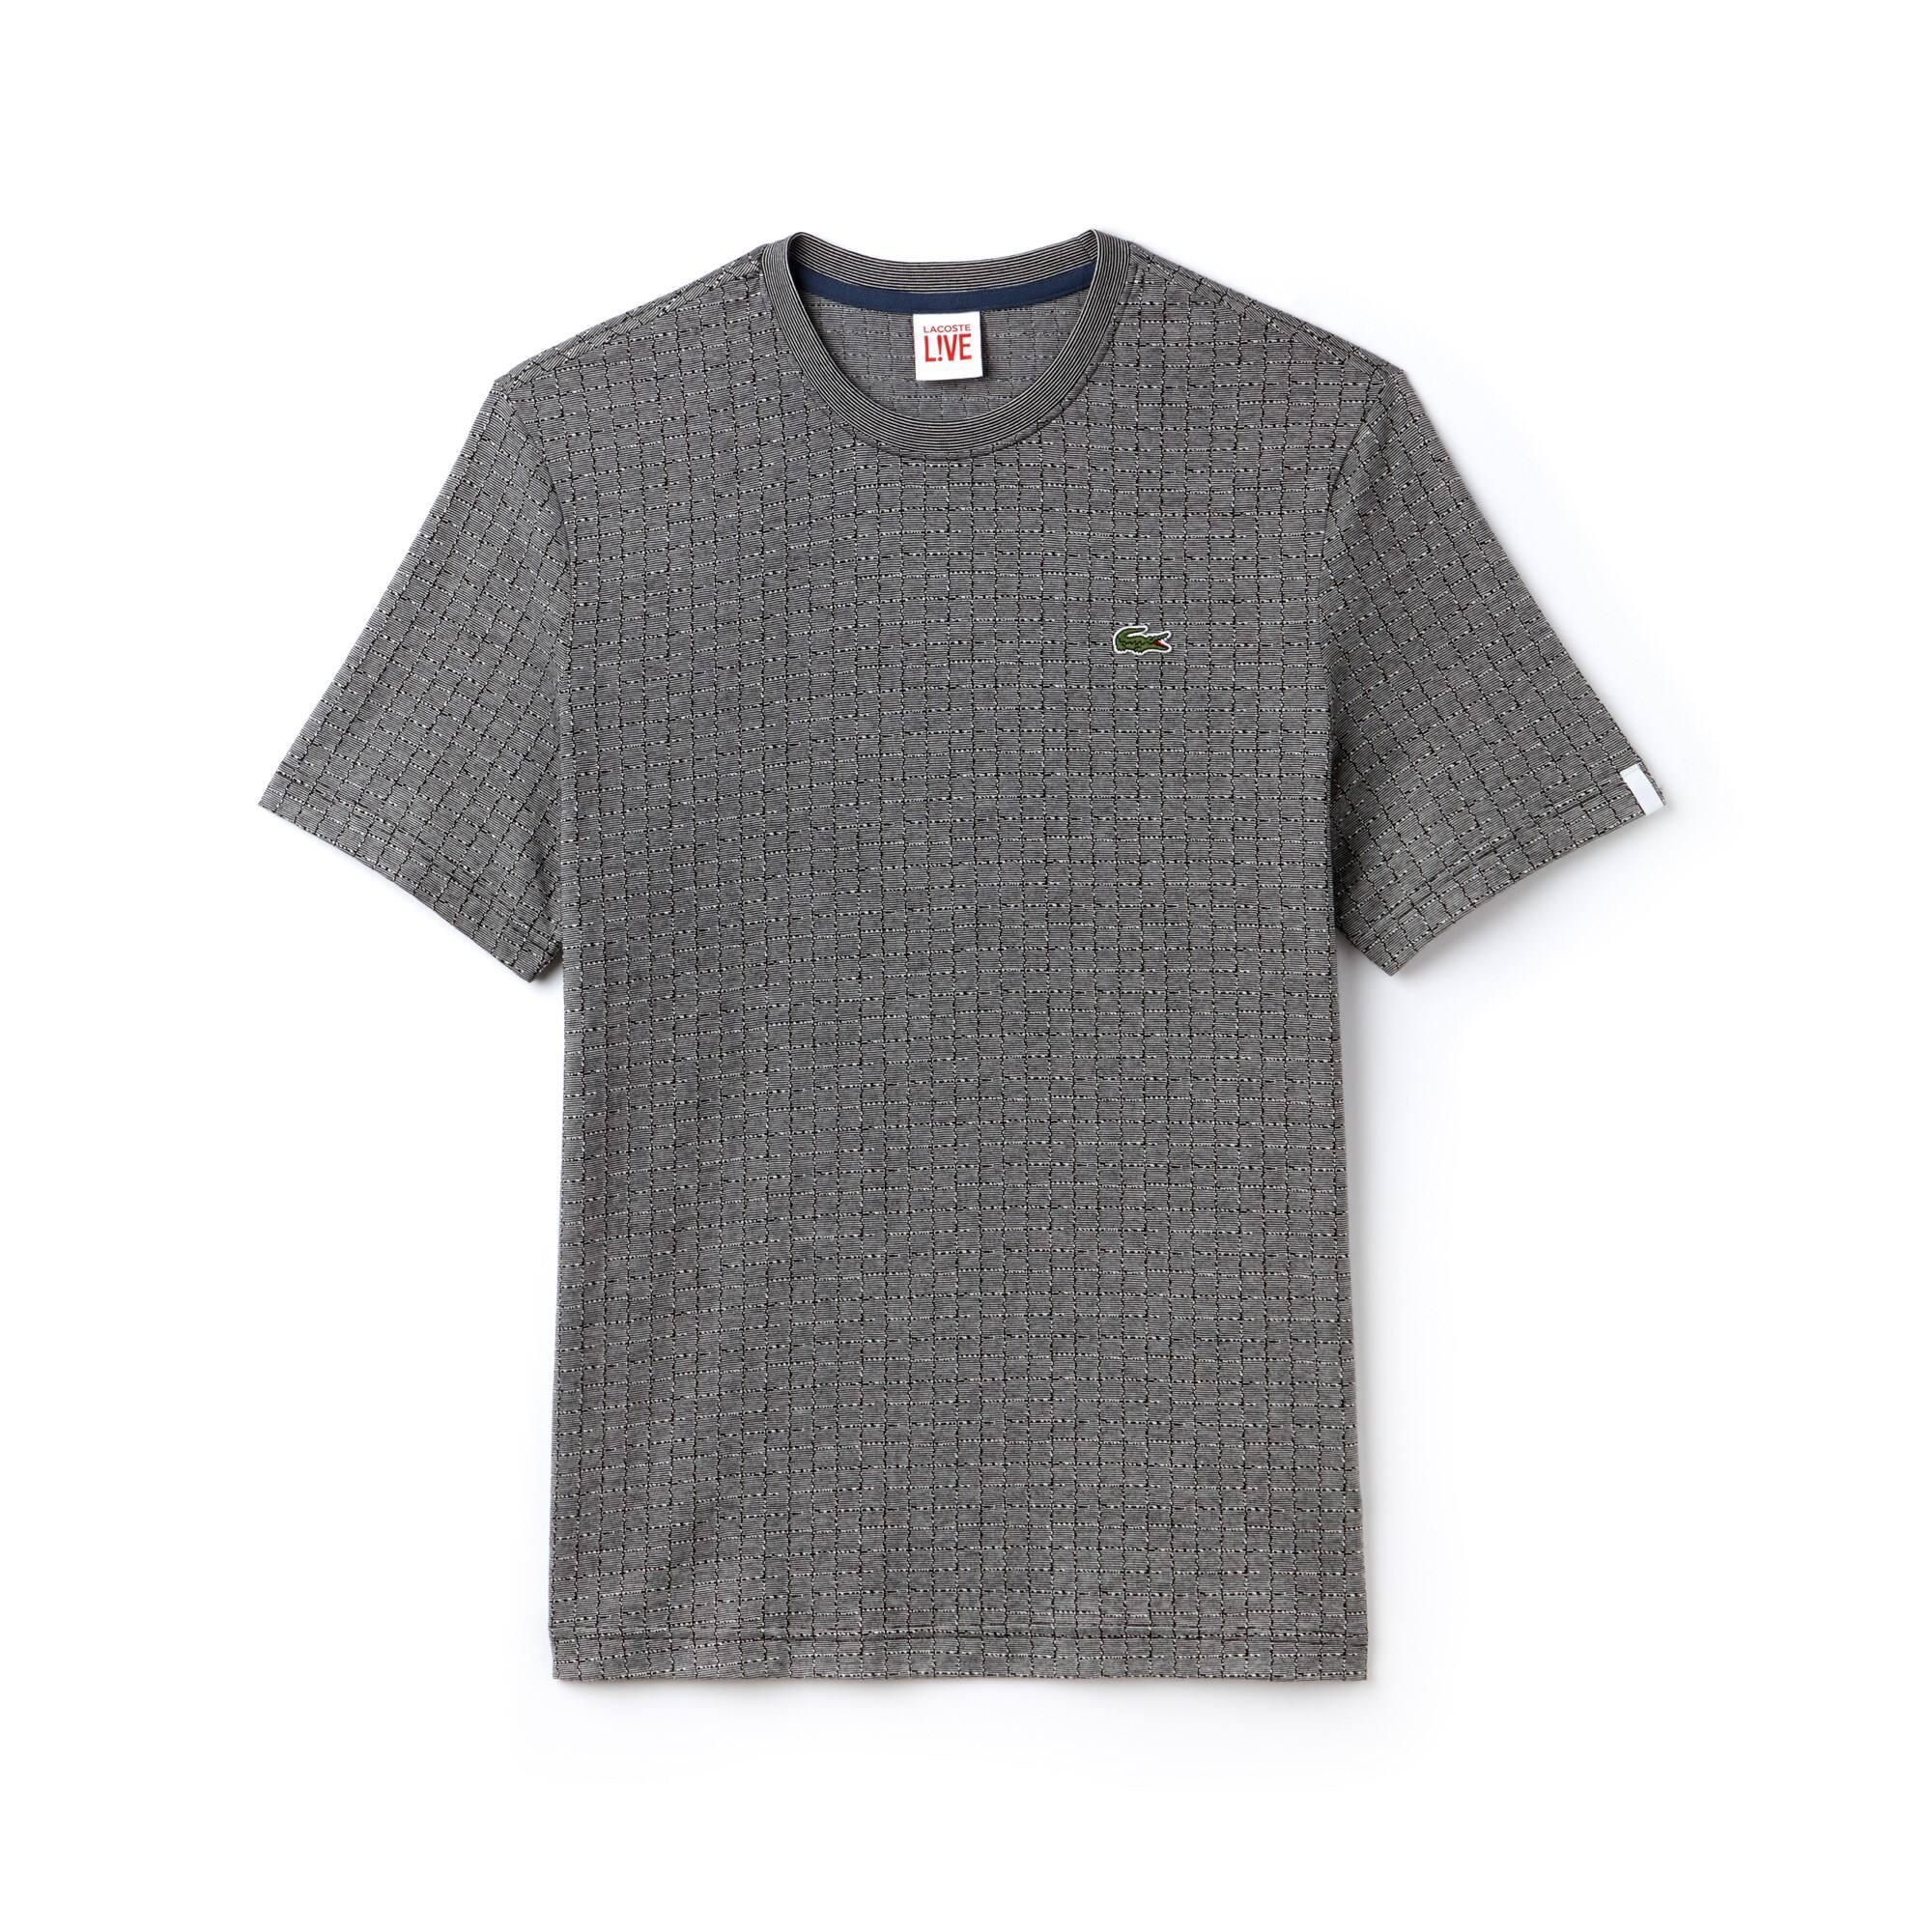 T-shirt col rond Lacoste LIVE en jacquard de coton imprimé